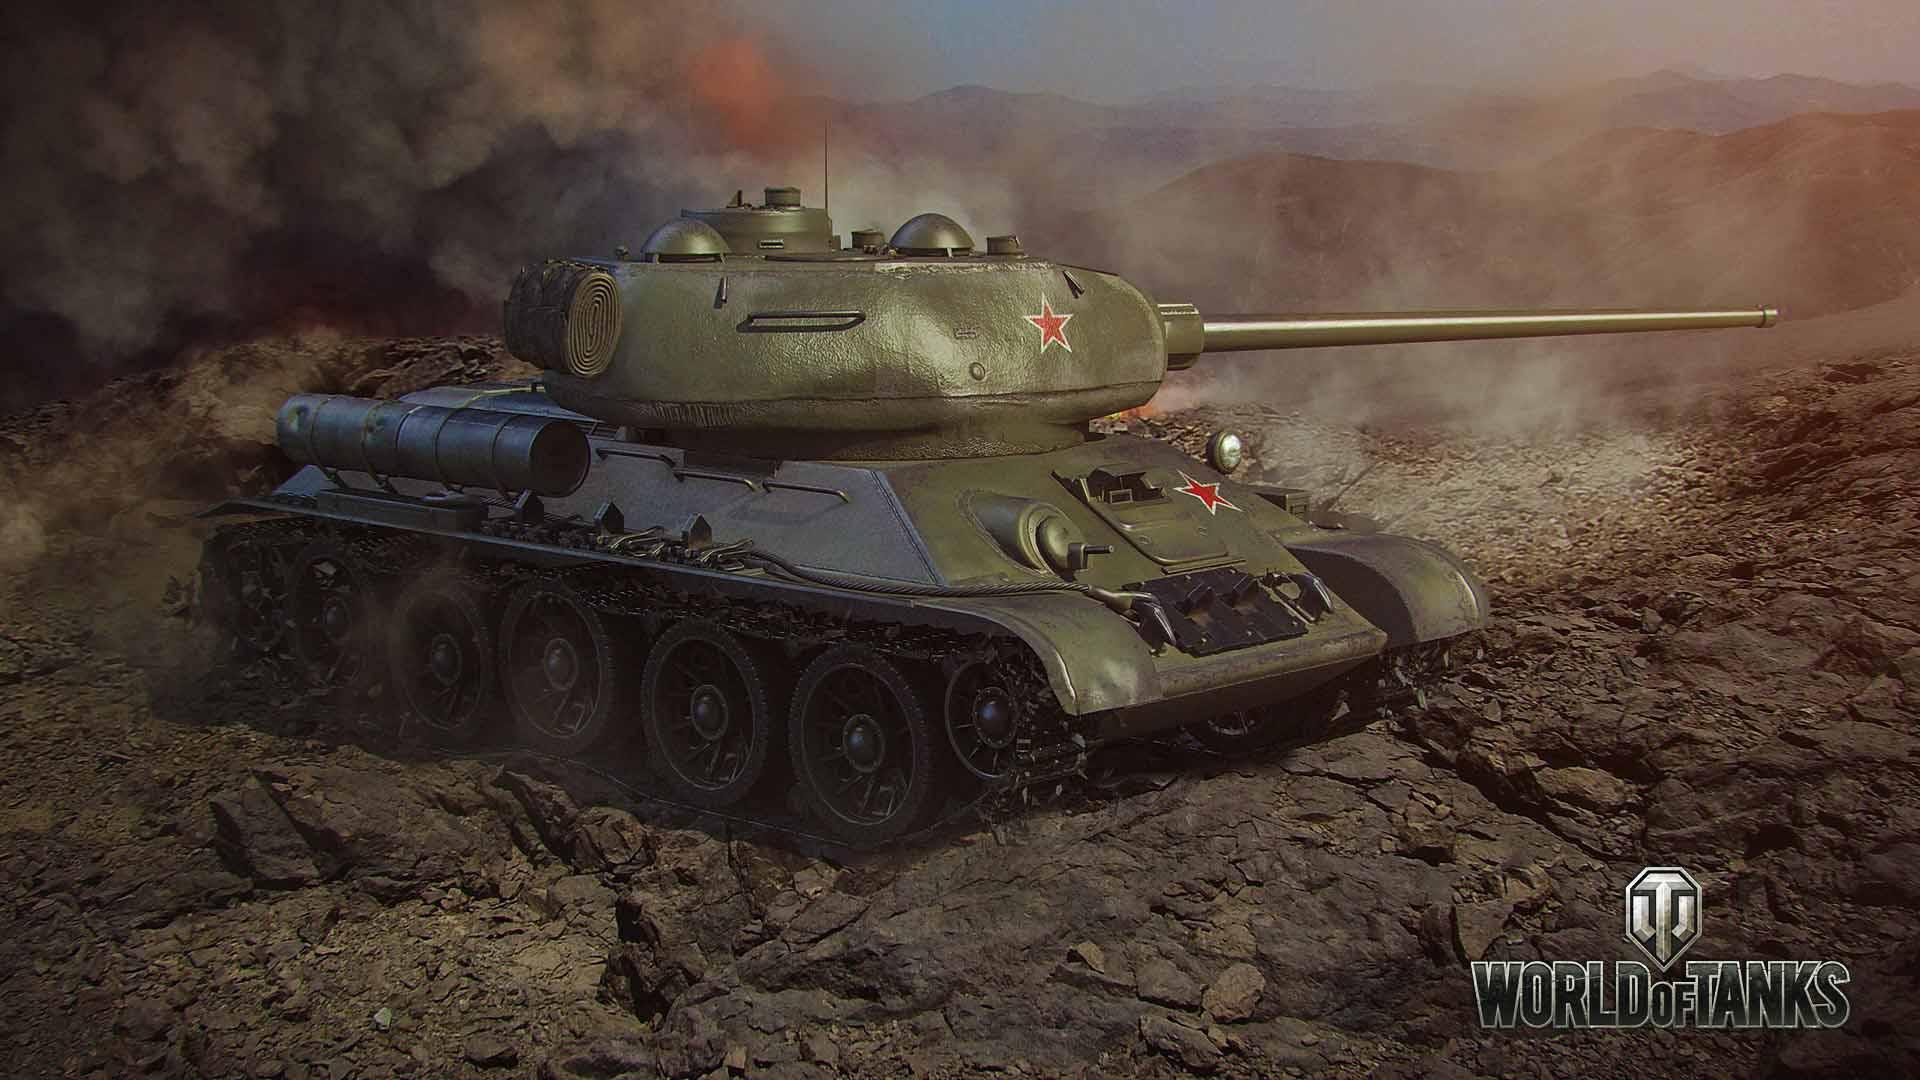 Красивые картинки танков World Of Tanks - смотреть бесплатно 4